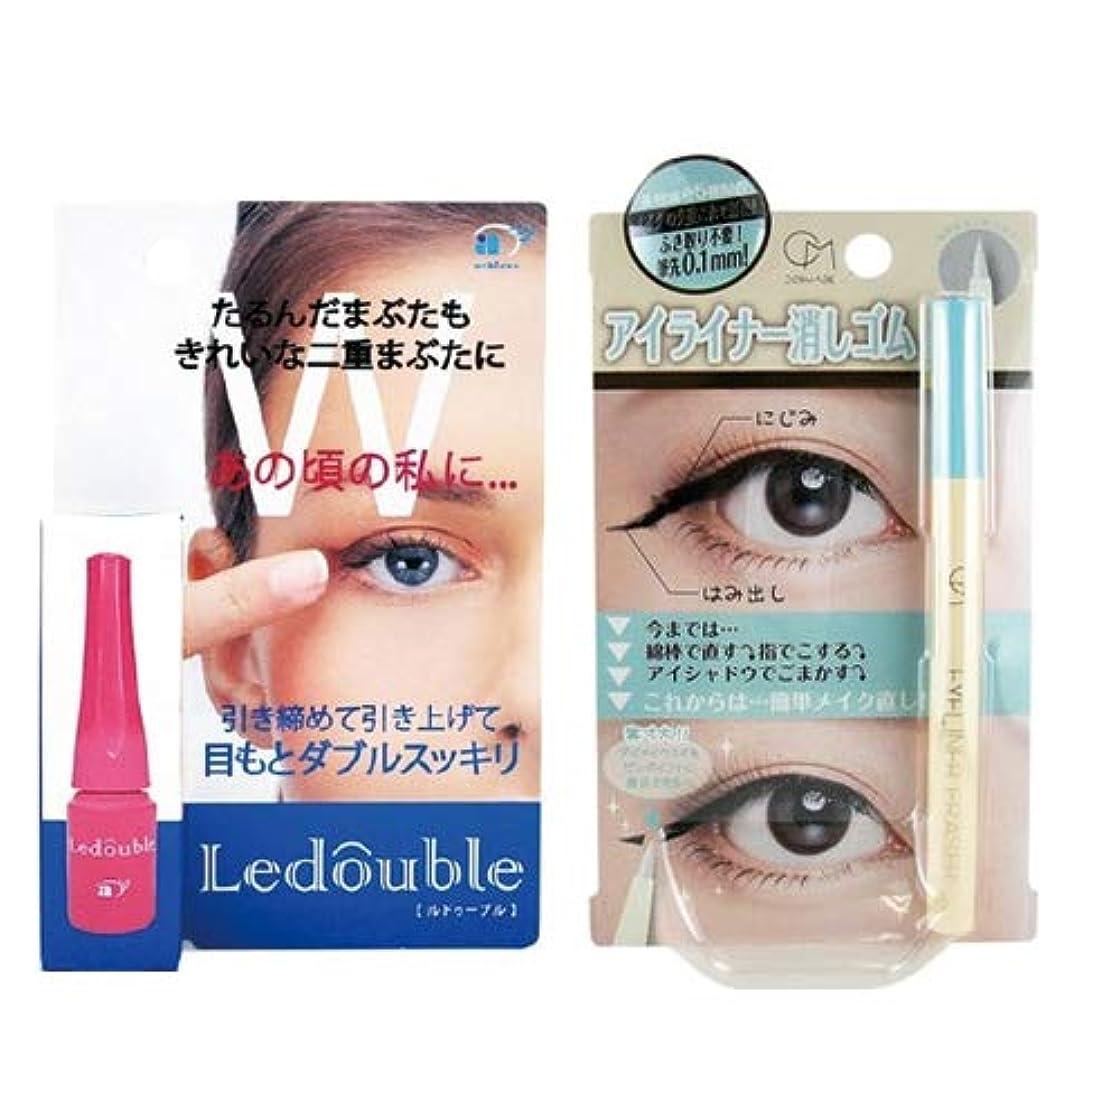 下安全一時解雇する二重まぶた化粧品 大人のLedouble [大人のルドゥーブル] (2mL)+ COSMAGE(コスマージュ) アイライナー消しゴム (EYELINE ERASER)セット